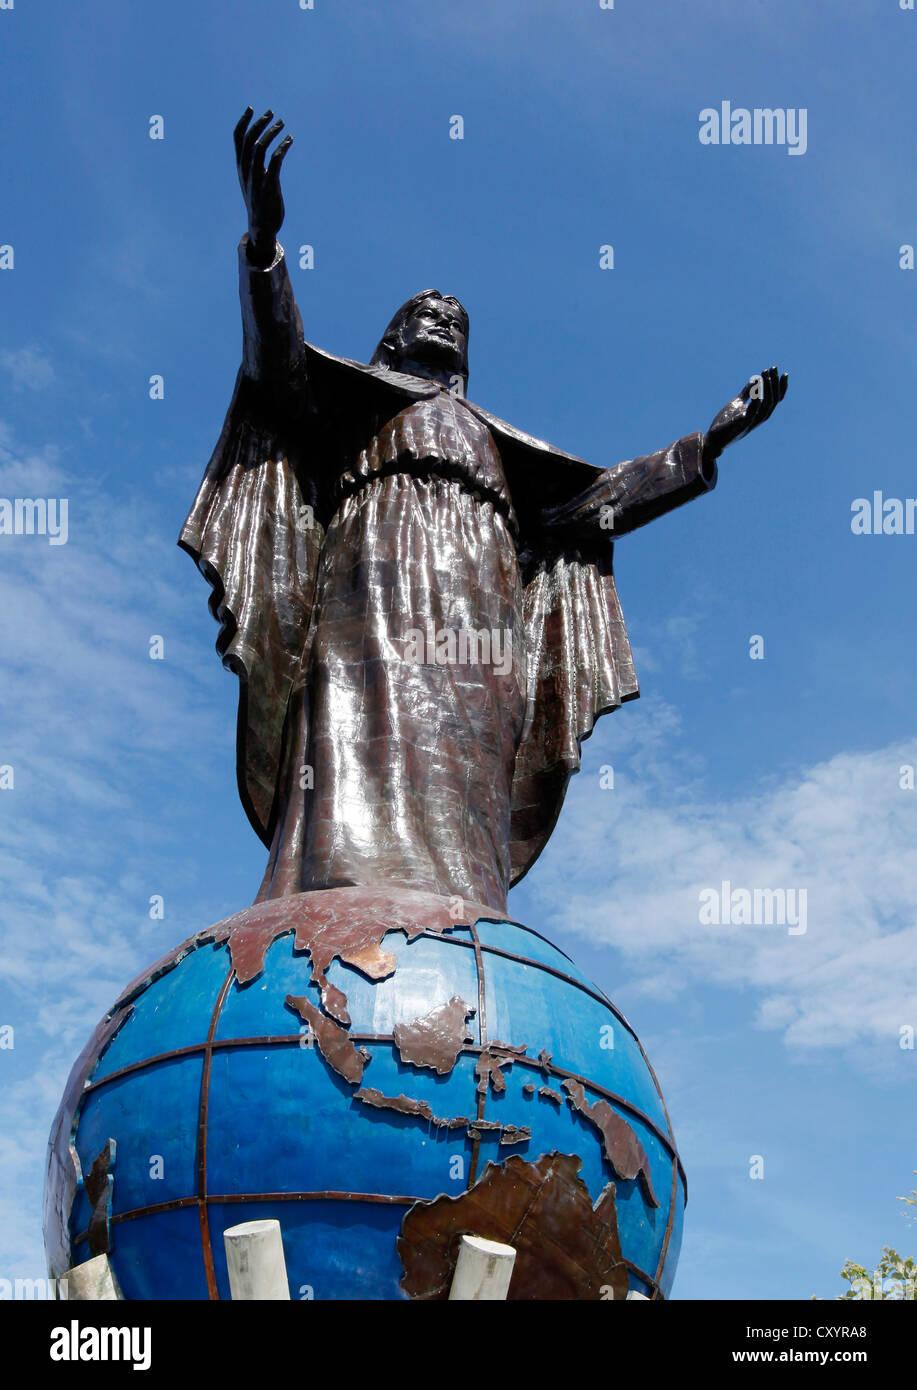 Image result for Dili's wellknown landmark